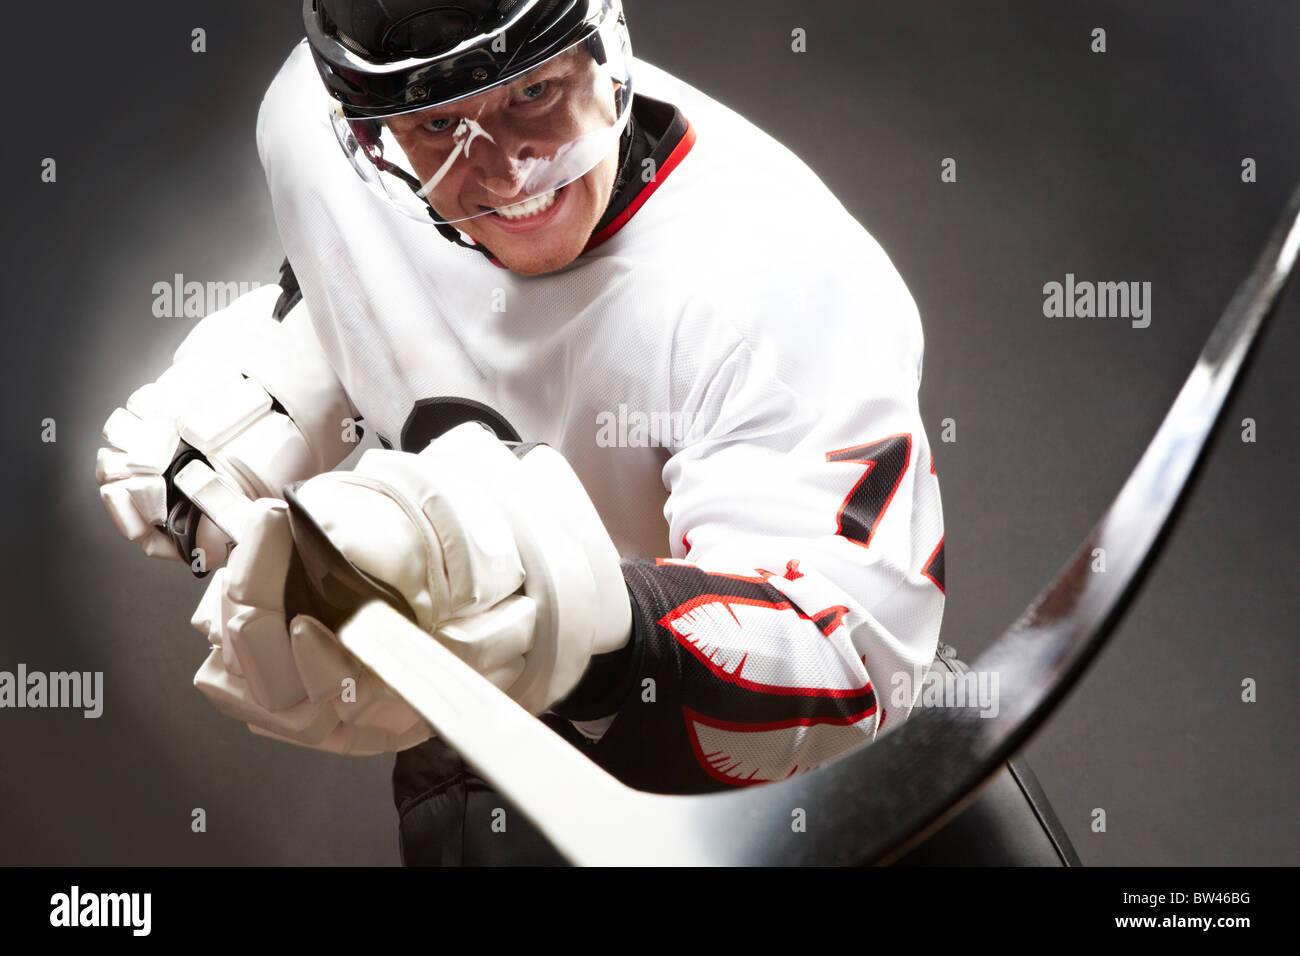 Giocatore di hockey con crudele espressione facciale pointing stick alla fotocamera Immagini Stock